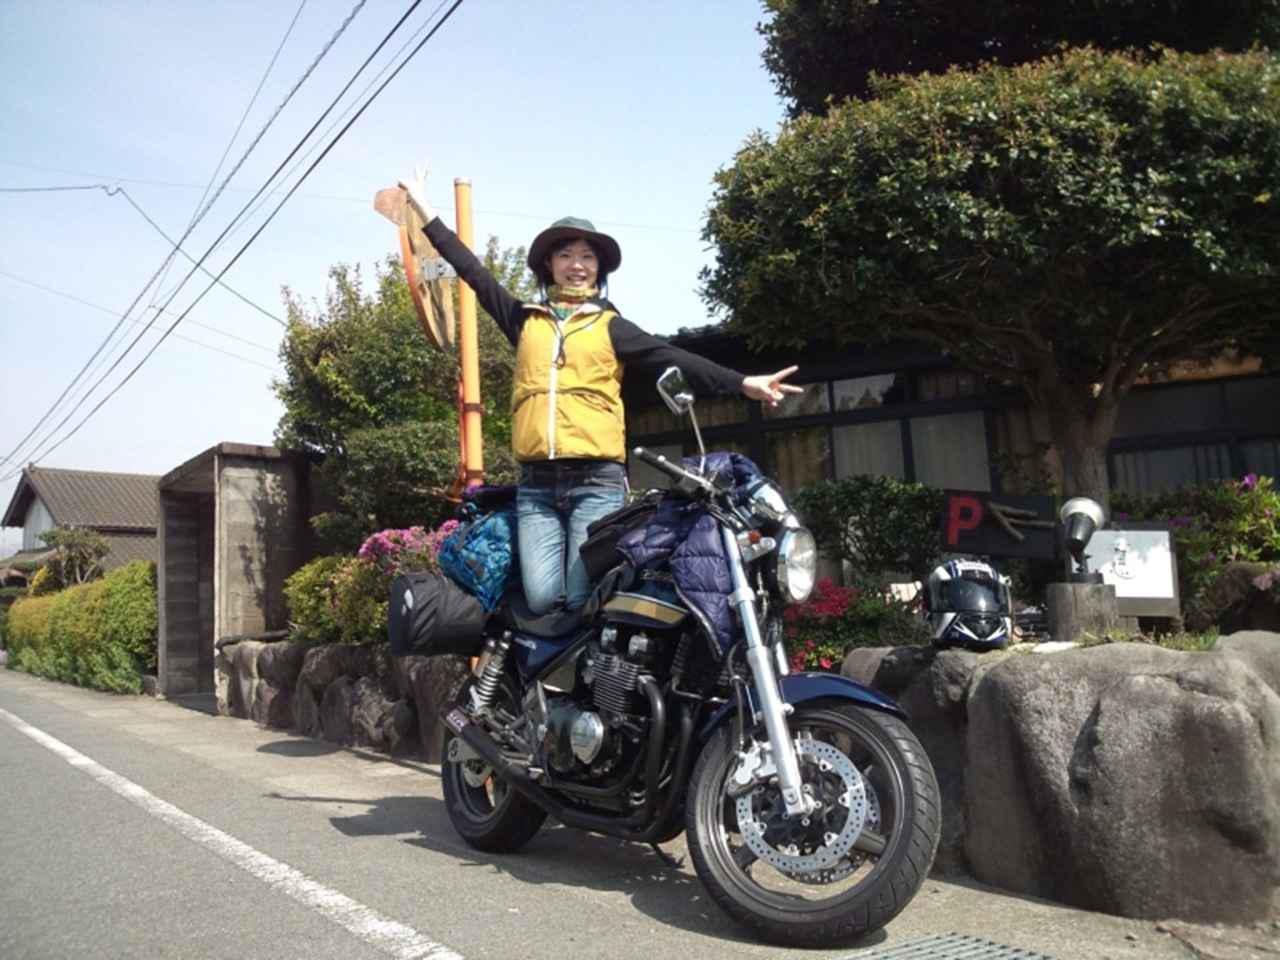 画像: 春のバイクツーリングの必需品はダウンジャケット! その理由とおすすめウェアを紹介 - ハピキャン(HAPPY CAMPER)